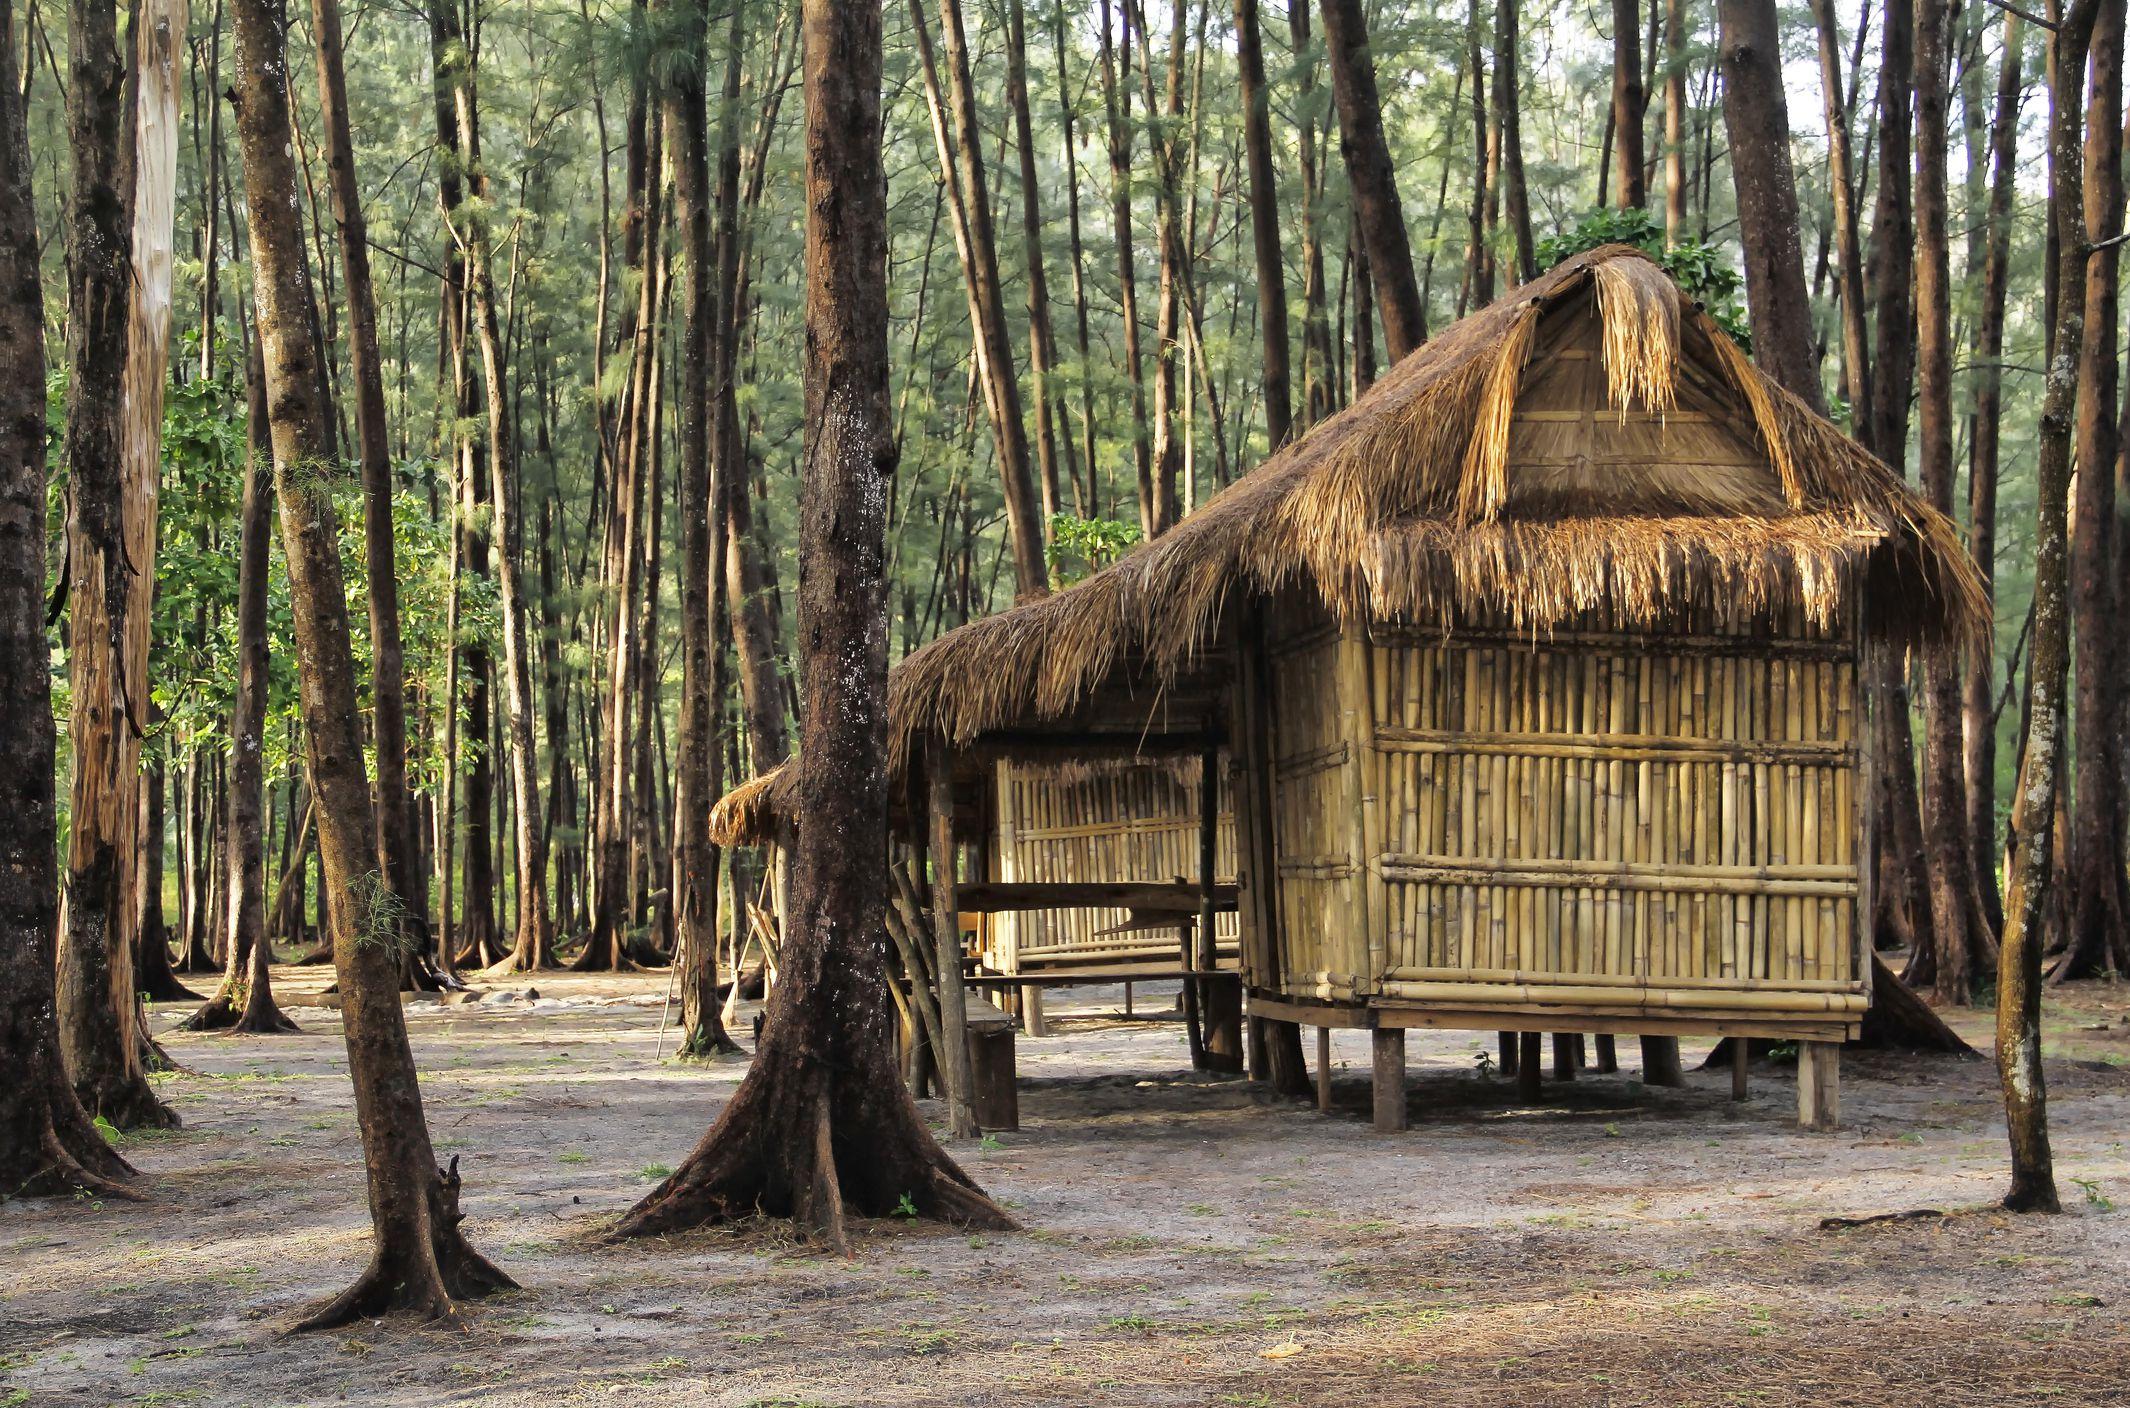 Hut amidst Anawangin casuarina trees